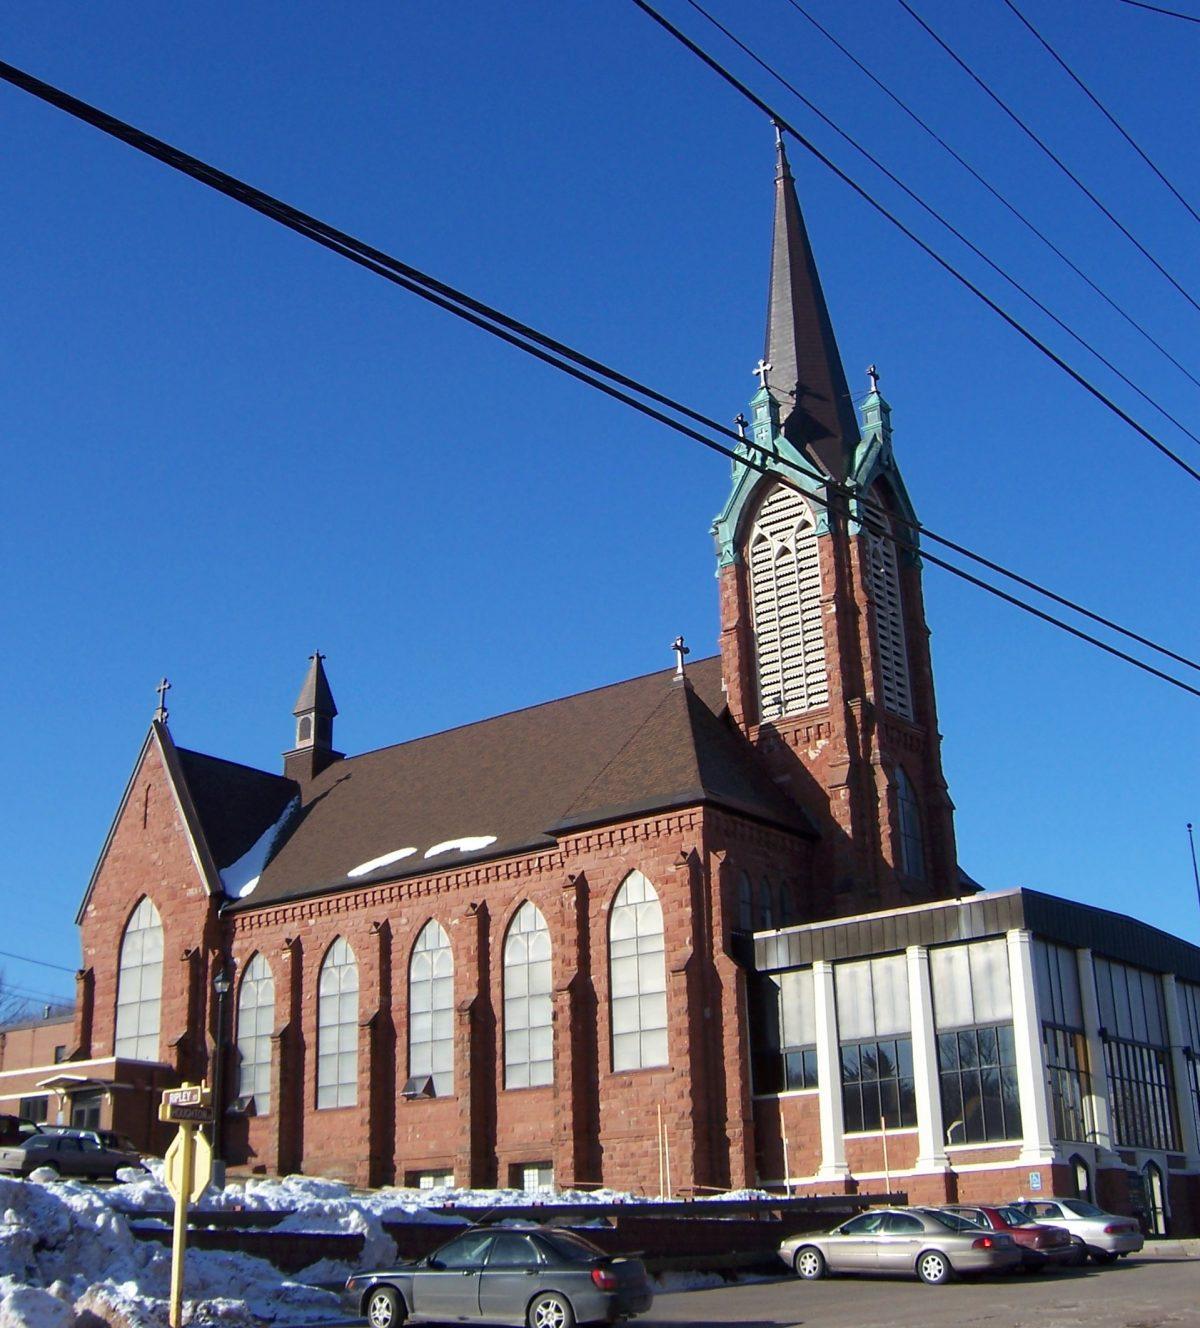 St. Ignatius Loyola Church